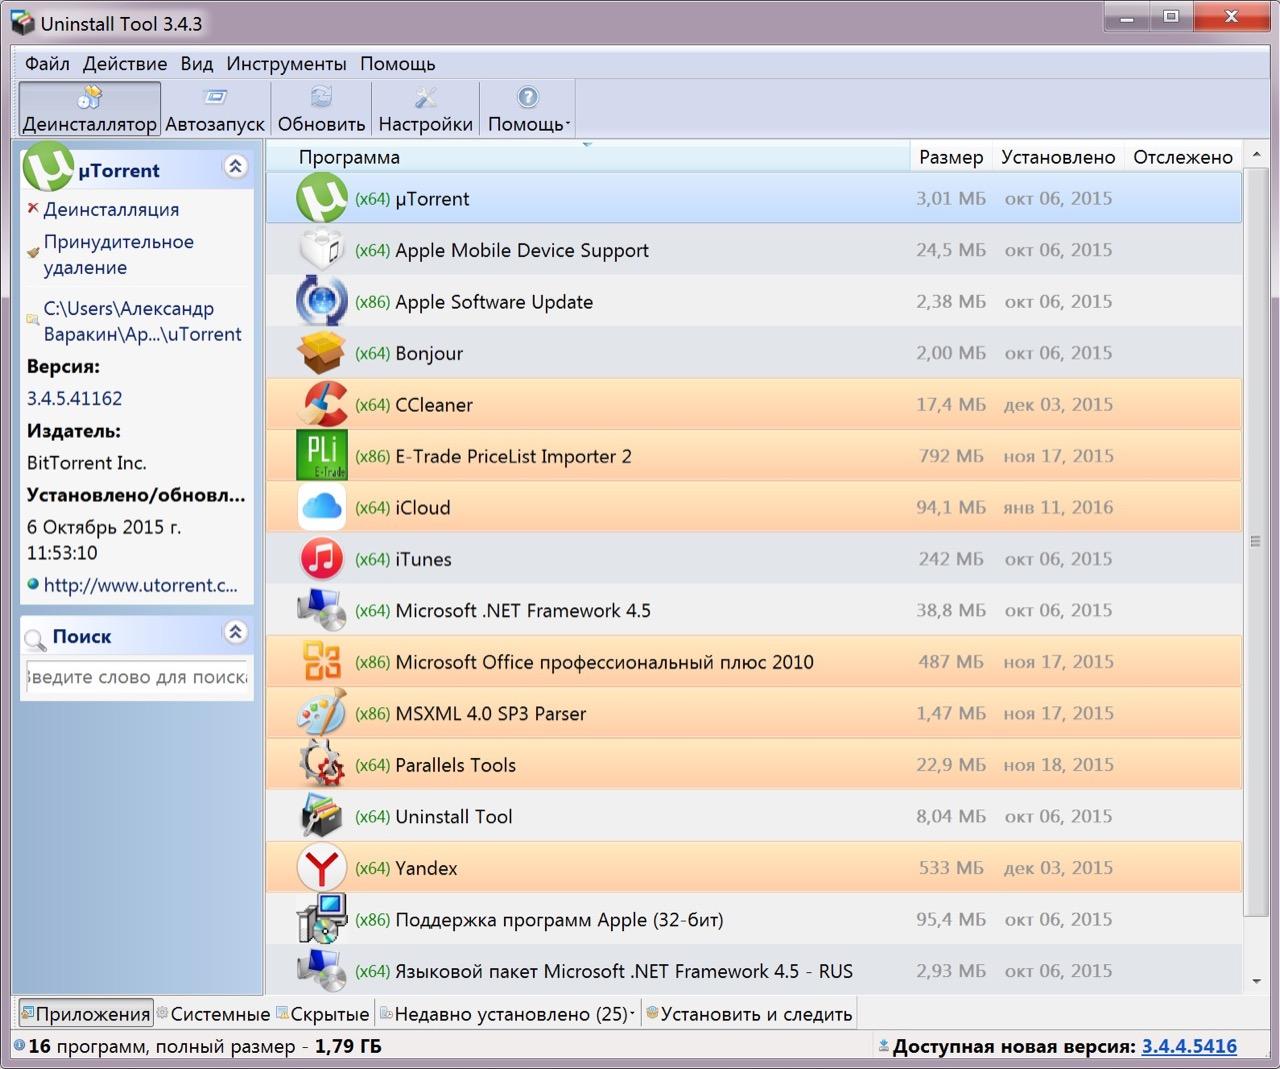 Главное окно Uninstall Tool